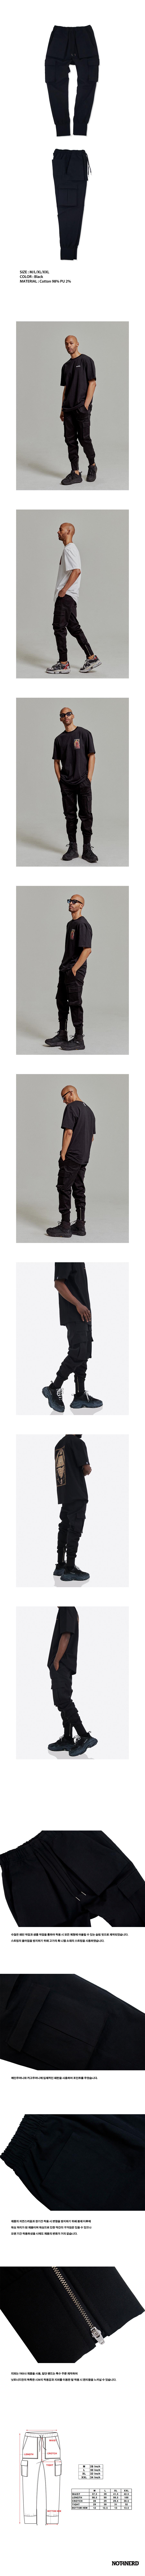 낫포너드(NOT4NERD) N4ND Cargo Jogger Pants - Black